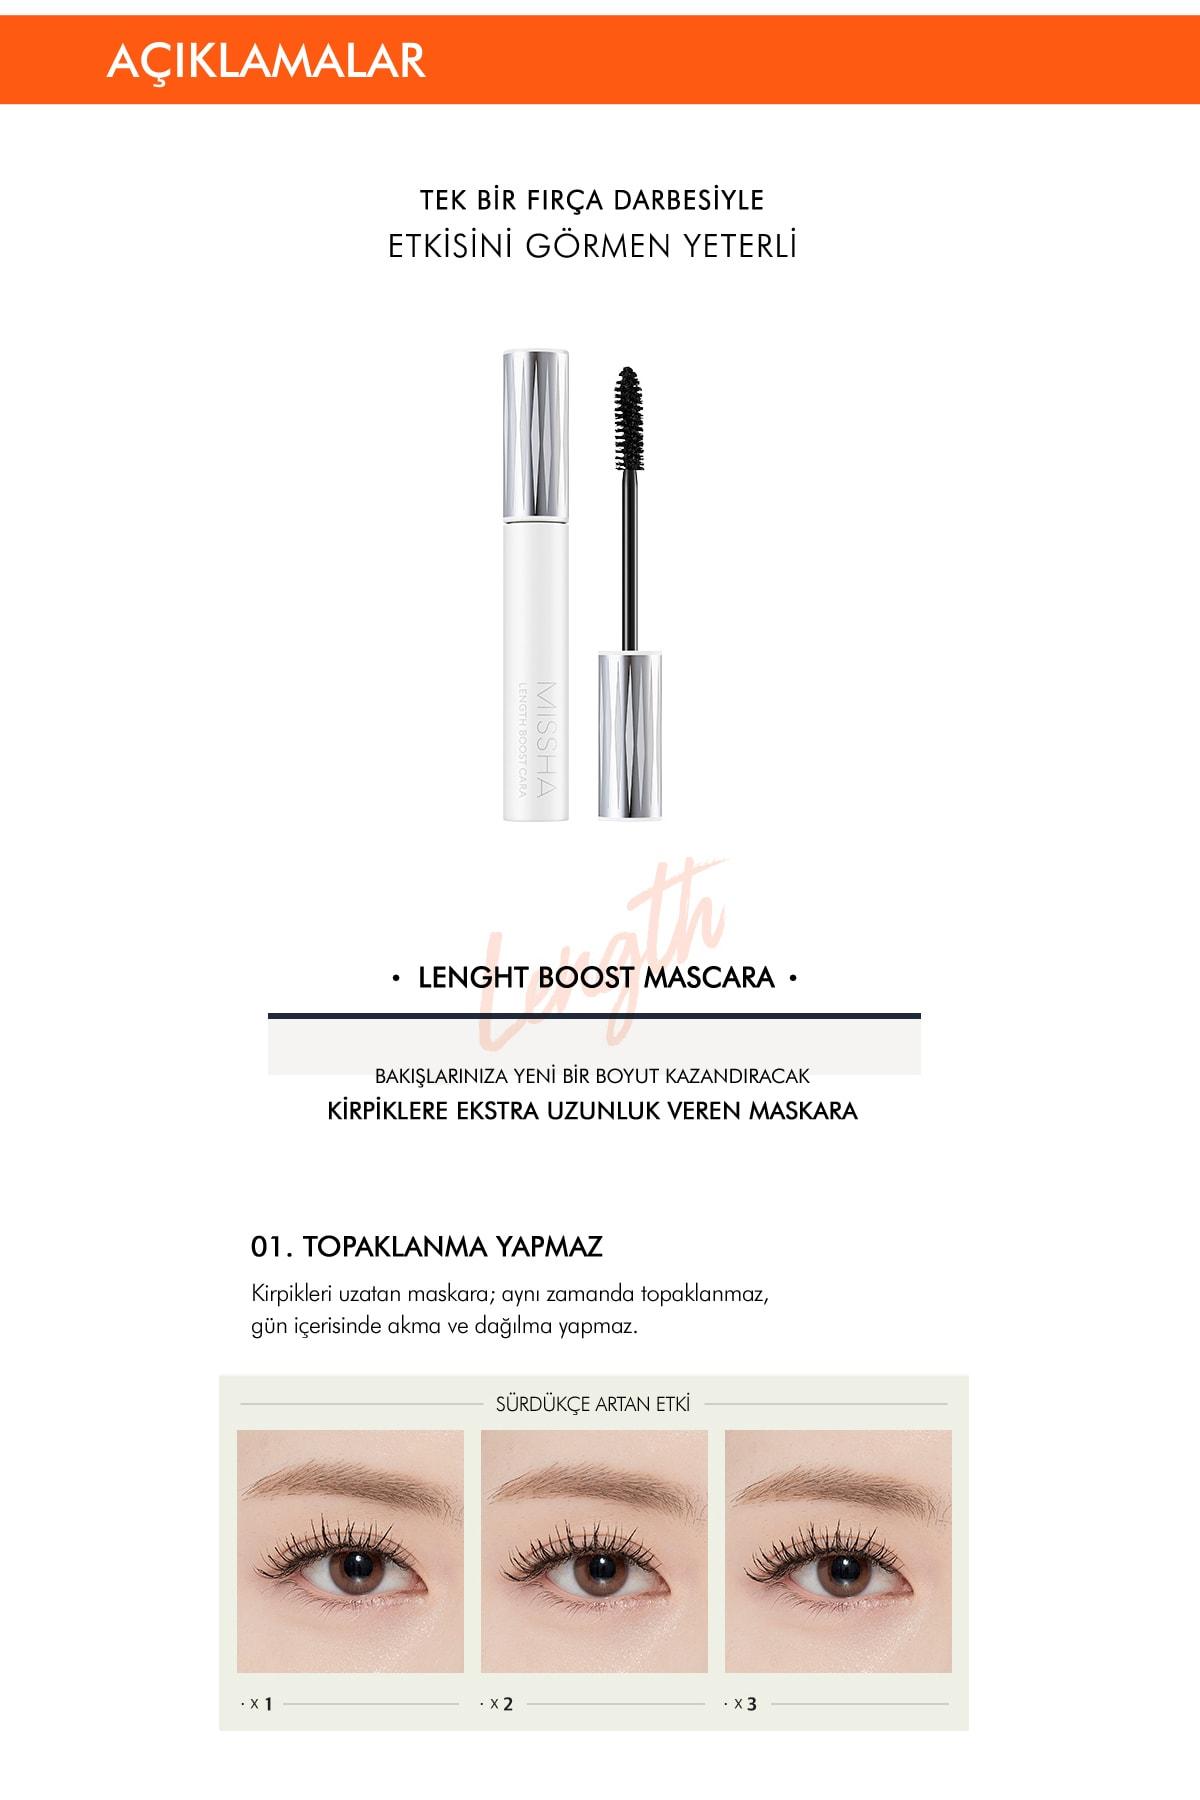 Missha Kısa Kirpikler için Uzunluk Sağlayan Maskara 8.5g MISSHA Lenght Boost Mascara 1